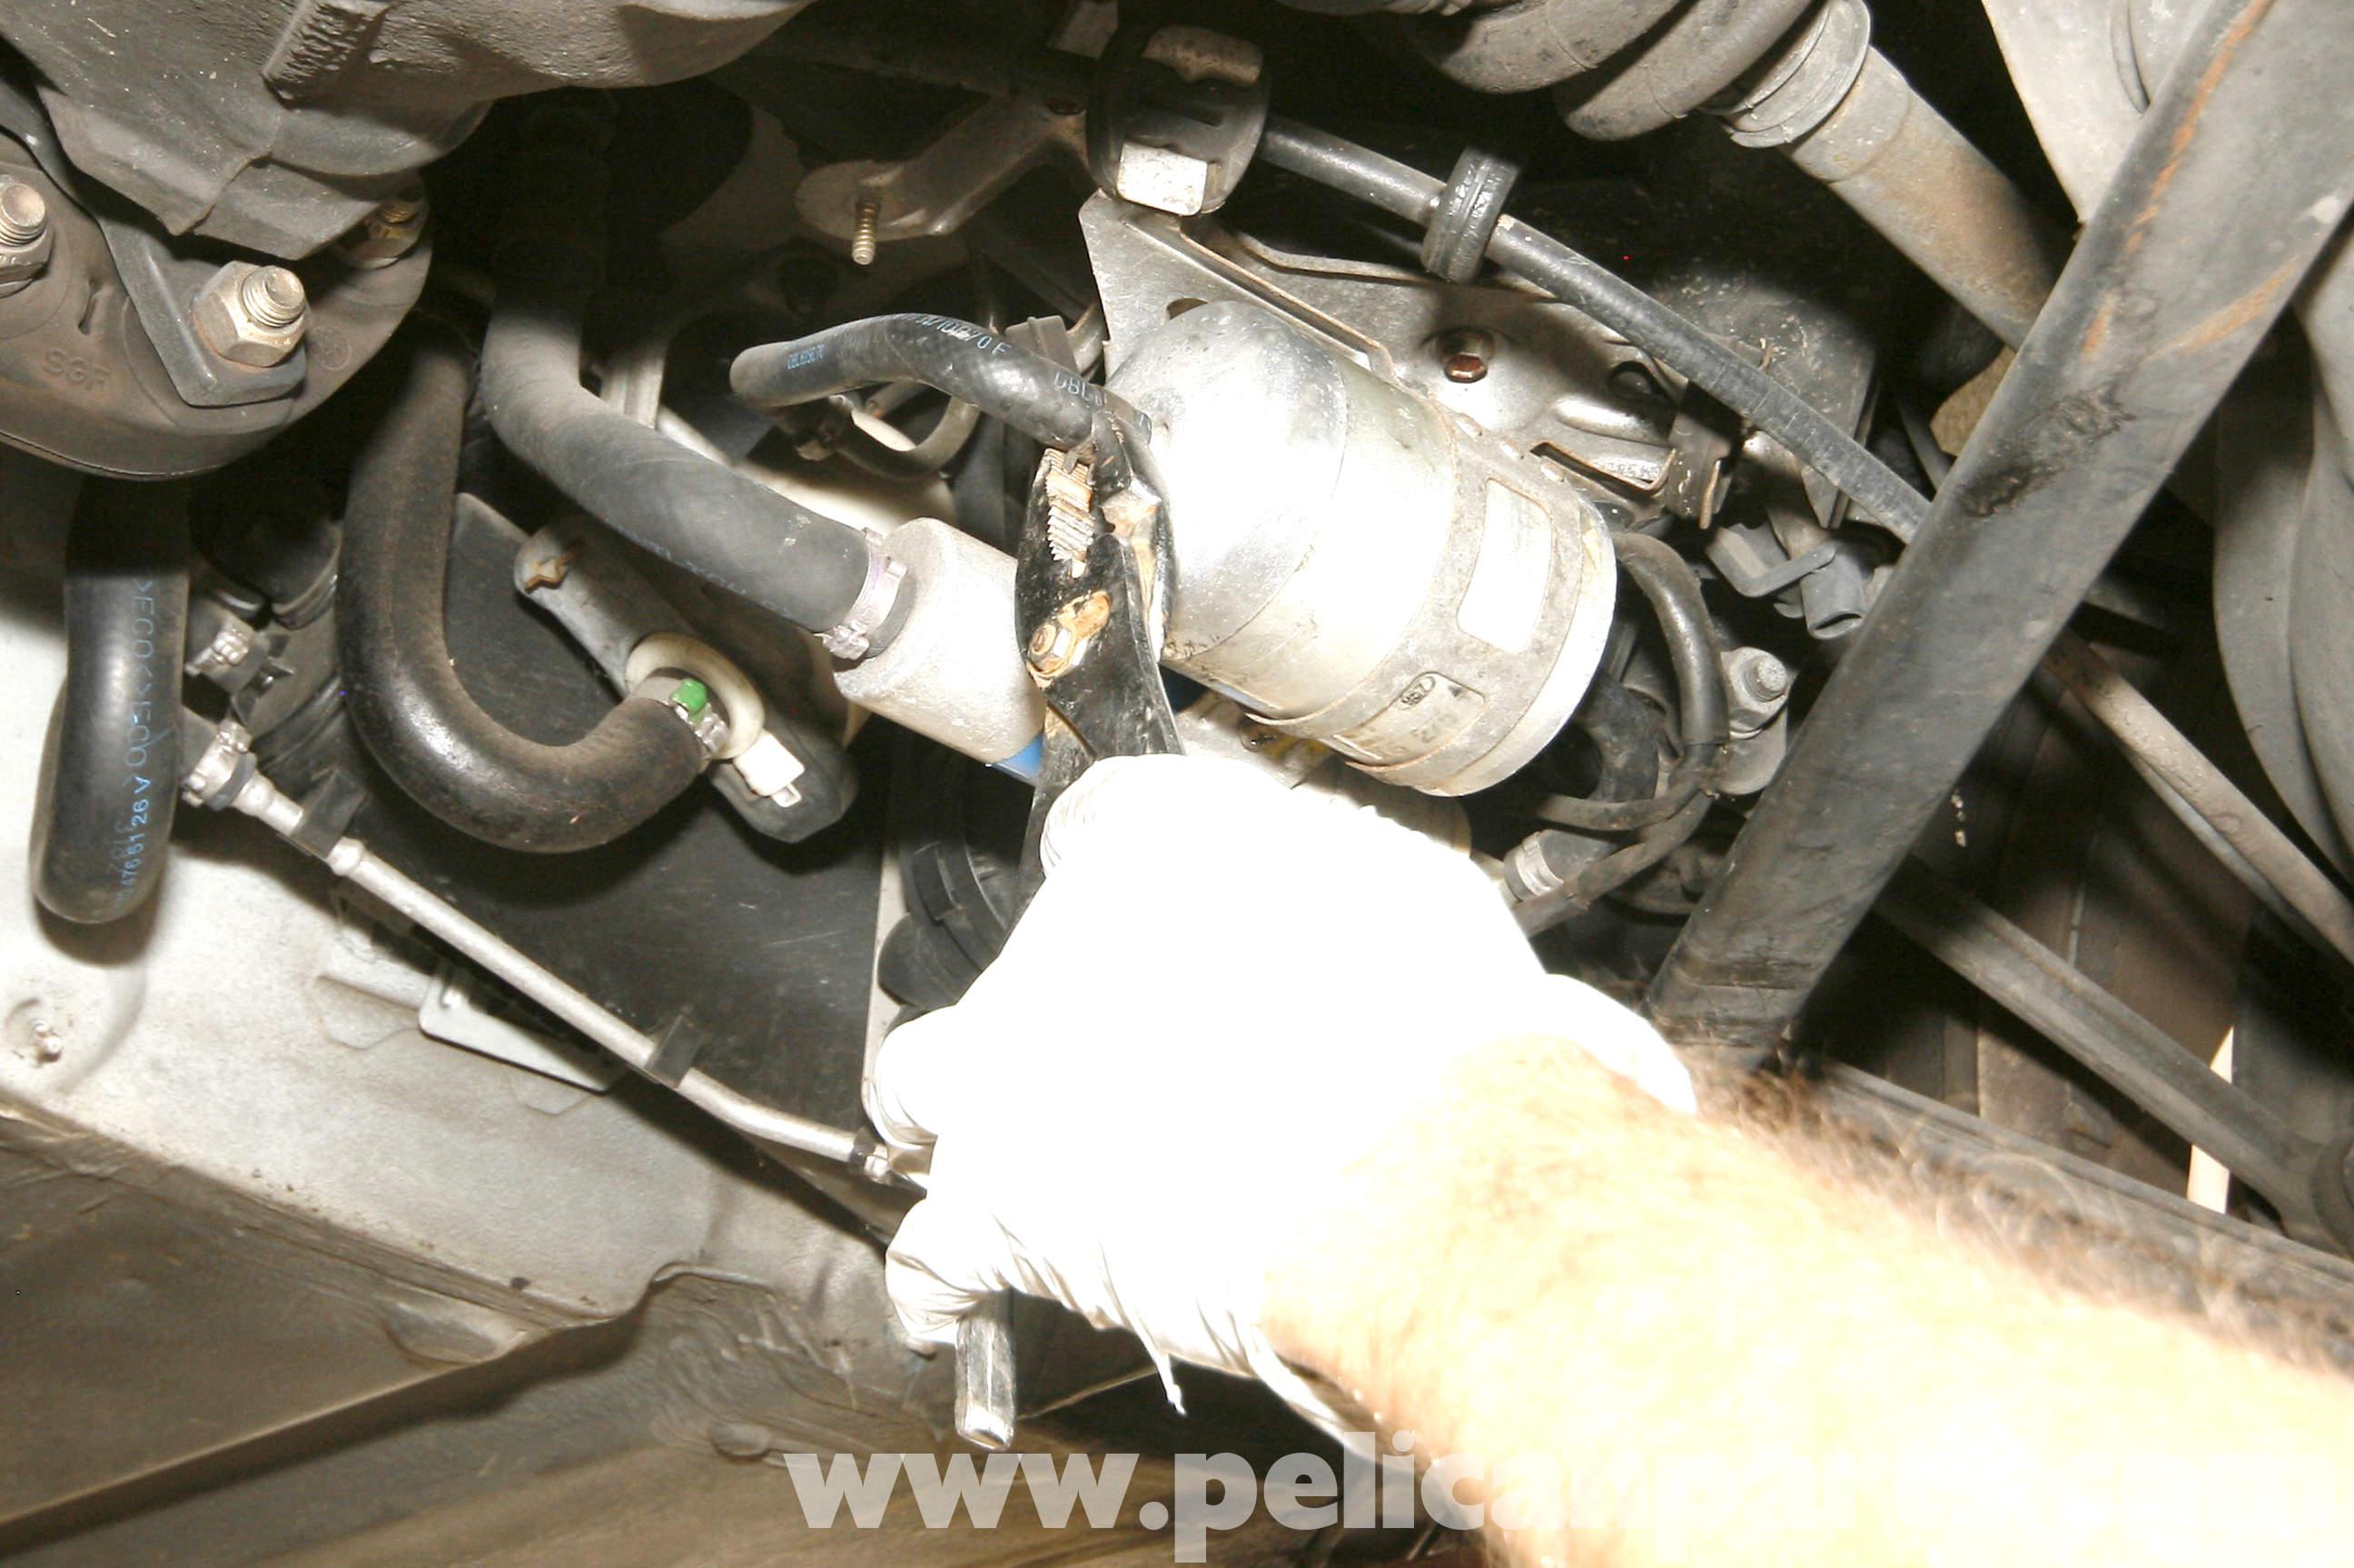 Mercedes Slk230 Fuel Filter Location Benz 1998 Ml320 6